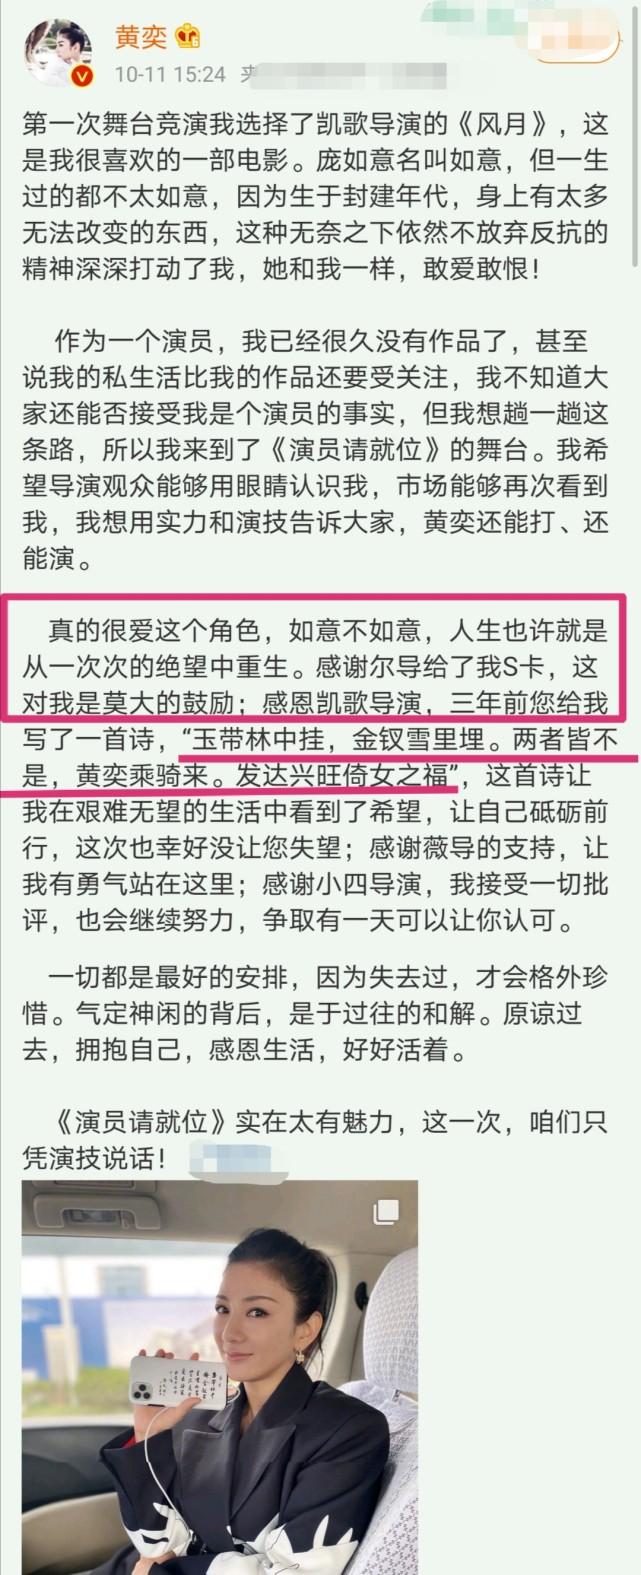 黄奕发长文,感谢4位导演指点,还晒出陈凯歌三年前给她写的诗